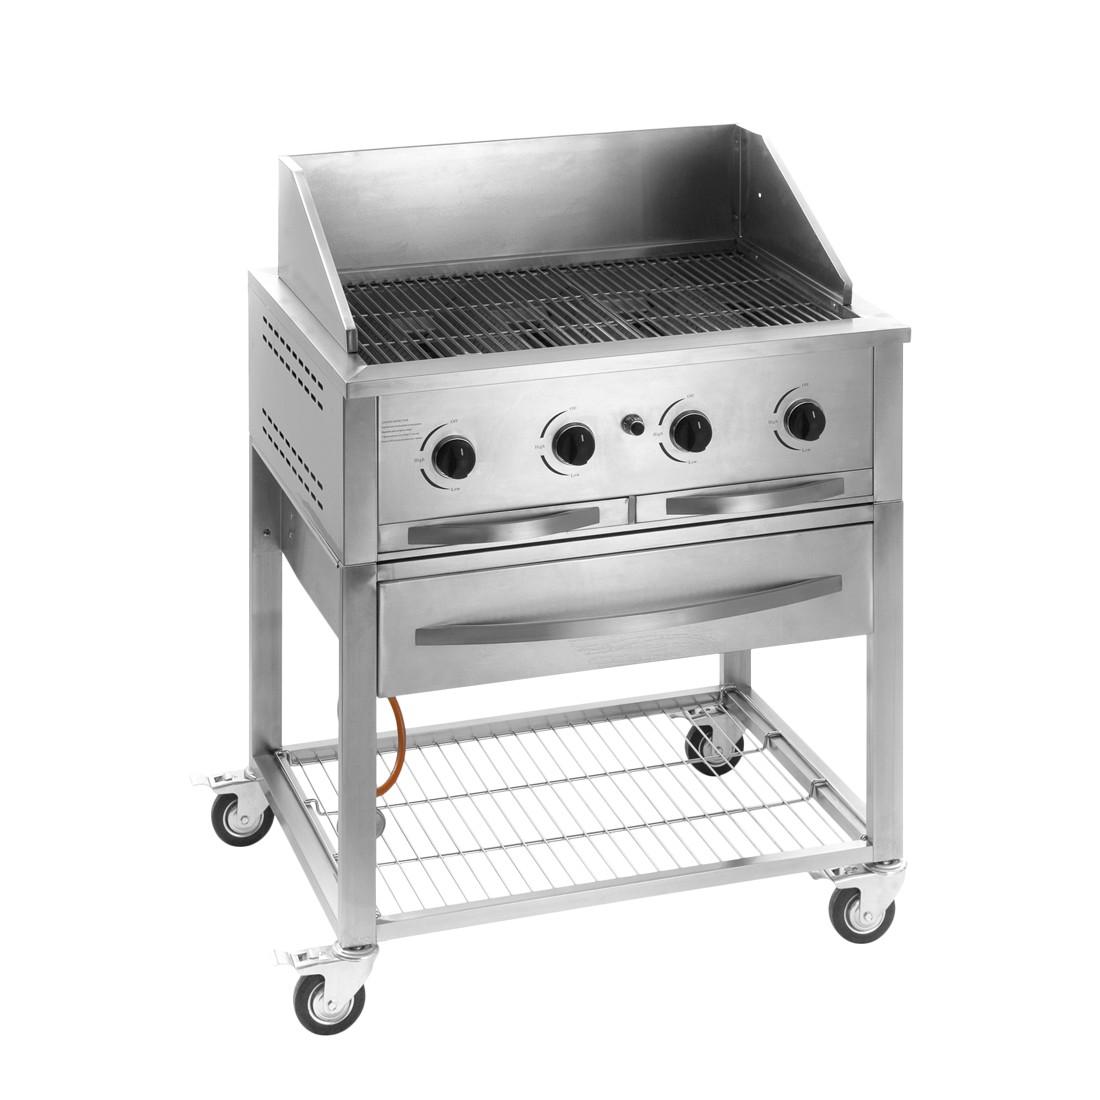 home24 Gasbraeter Fayetteville | Küche und Esszimmer > Küchenelektrogeräte > Küche Grill | Landmann